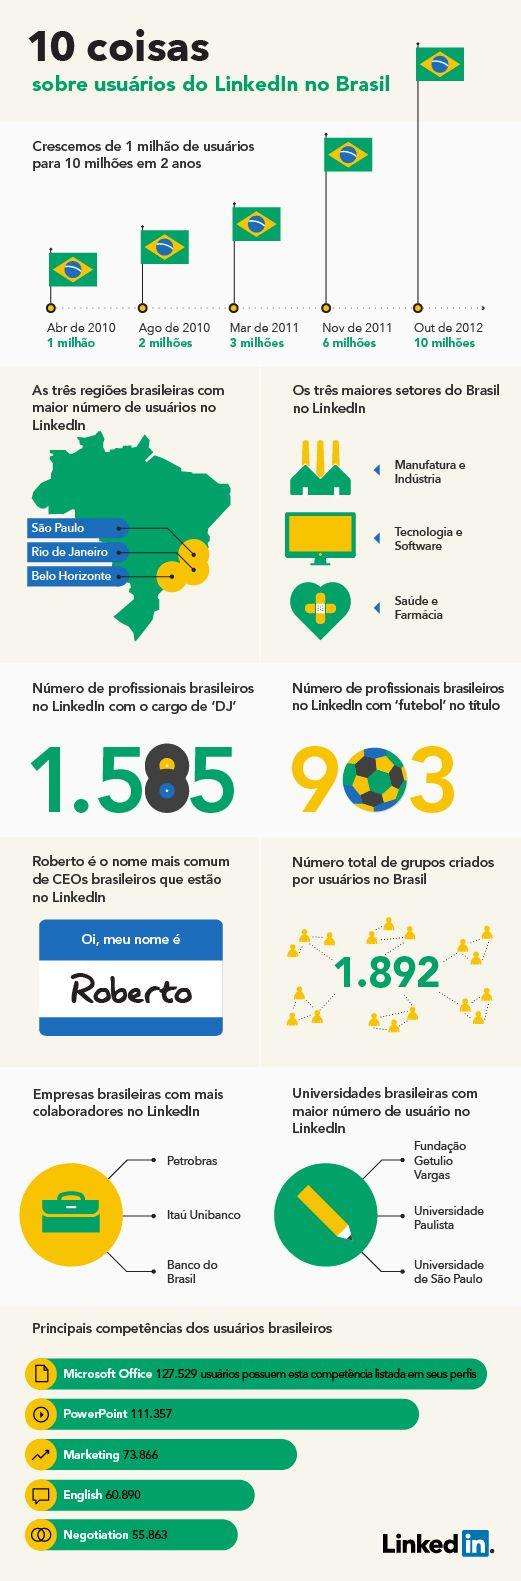 O Linked In, rede social direcionada para profissionais, atingiu no mês de outubro a marca de 10 milhões brasileiros e mais de 175 milhões de usuários no mundo. No mesmo mês, a rede social anunciou o novo visual para os perfis, com o objetivo de melhorar a apresentação dos perfil e favorecer o relacionamento entre os usuários da rede. Veja abaixo como ficará a nova aparência do Linkedin...